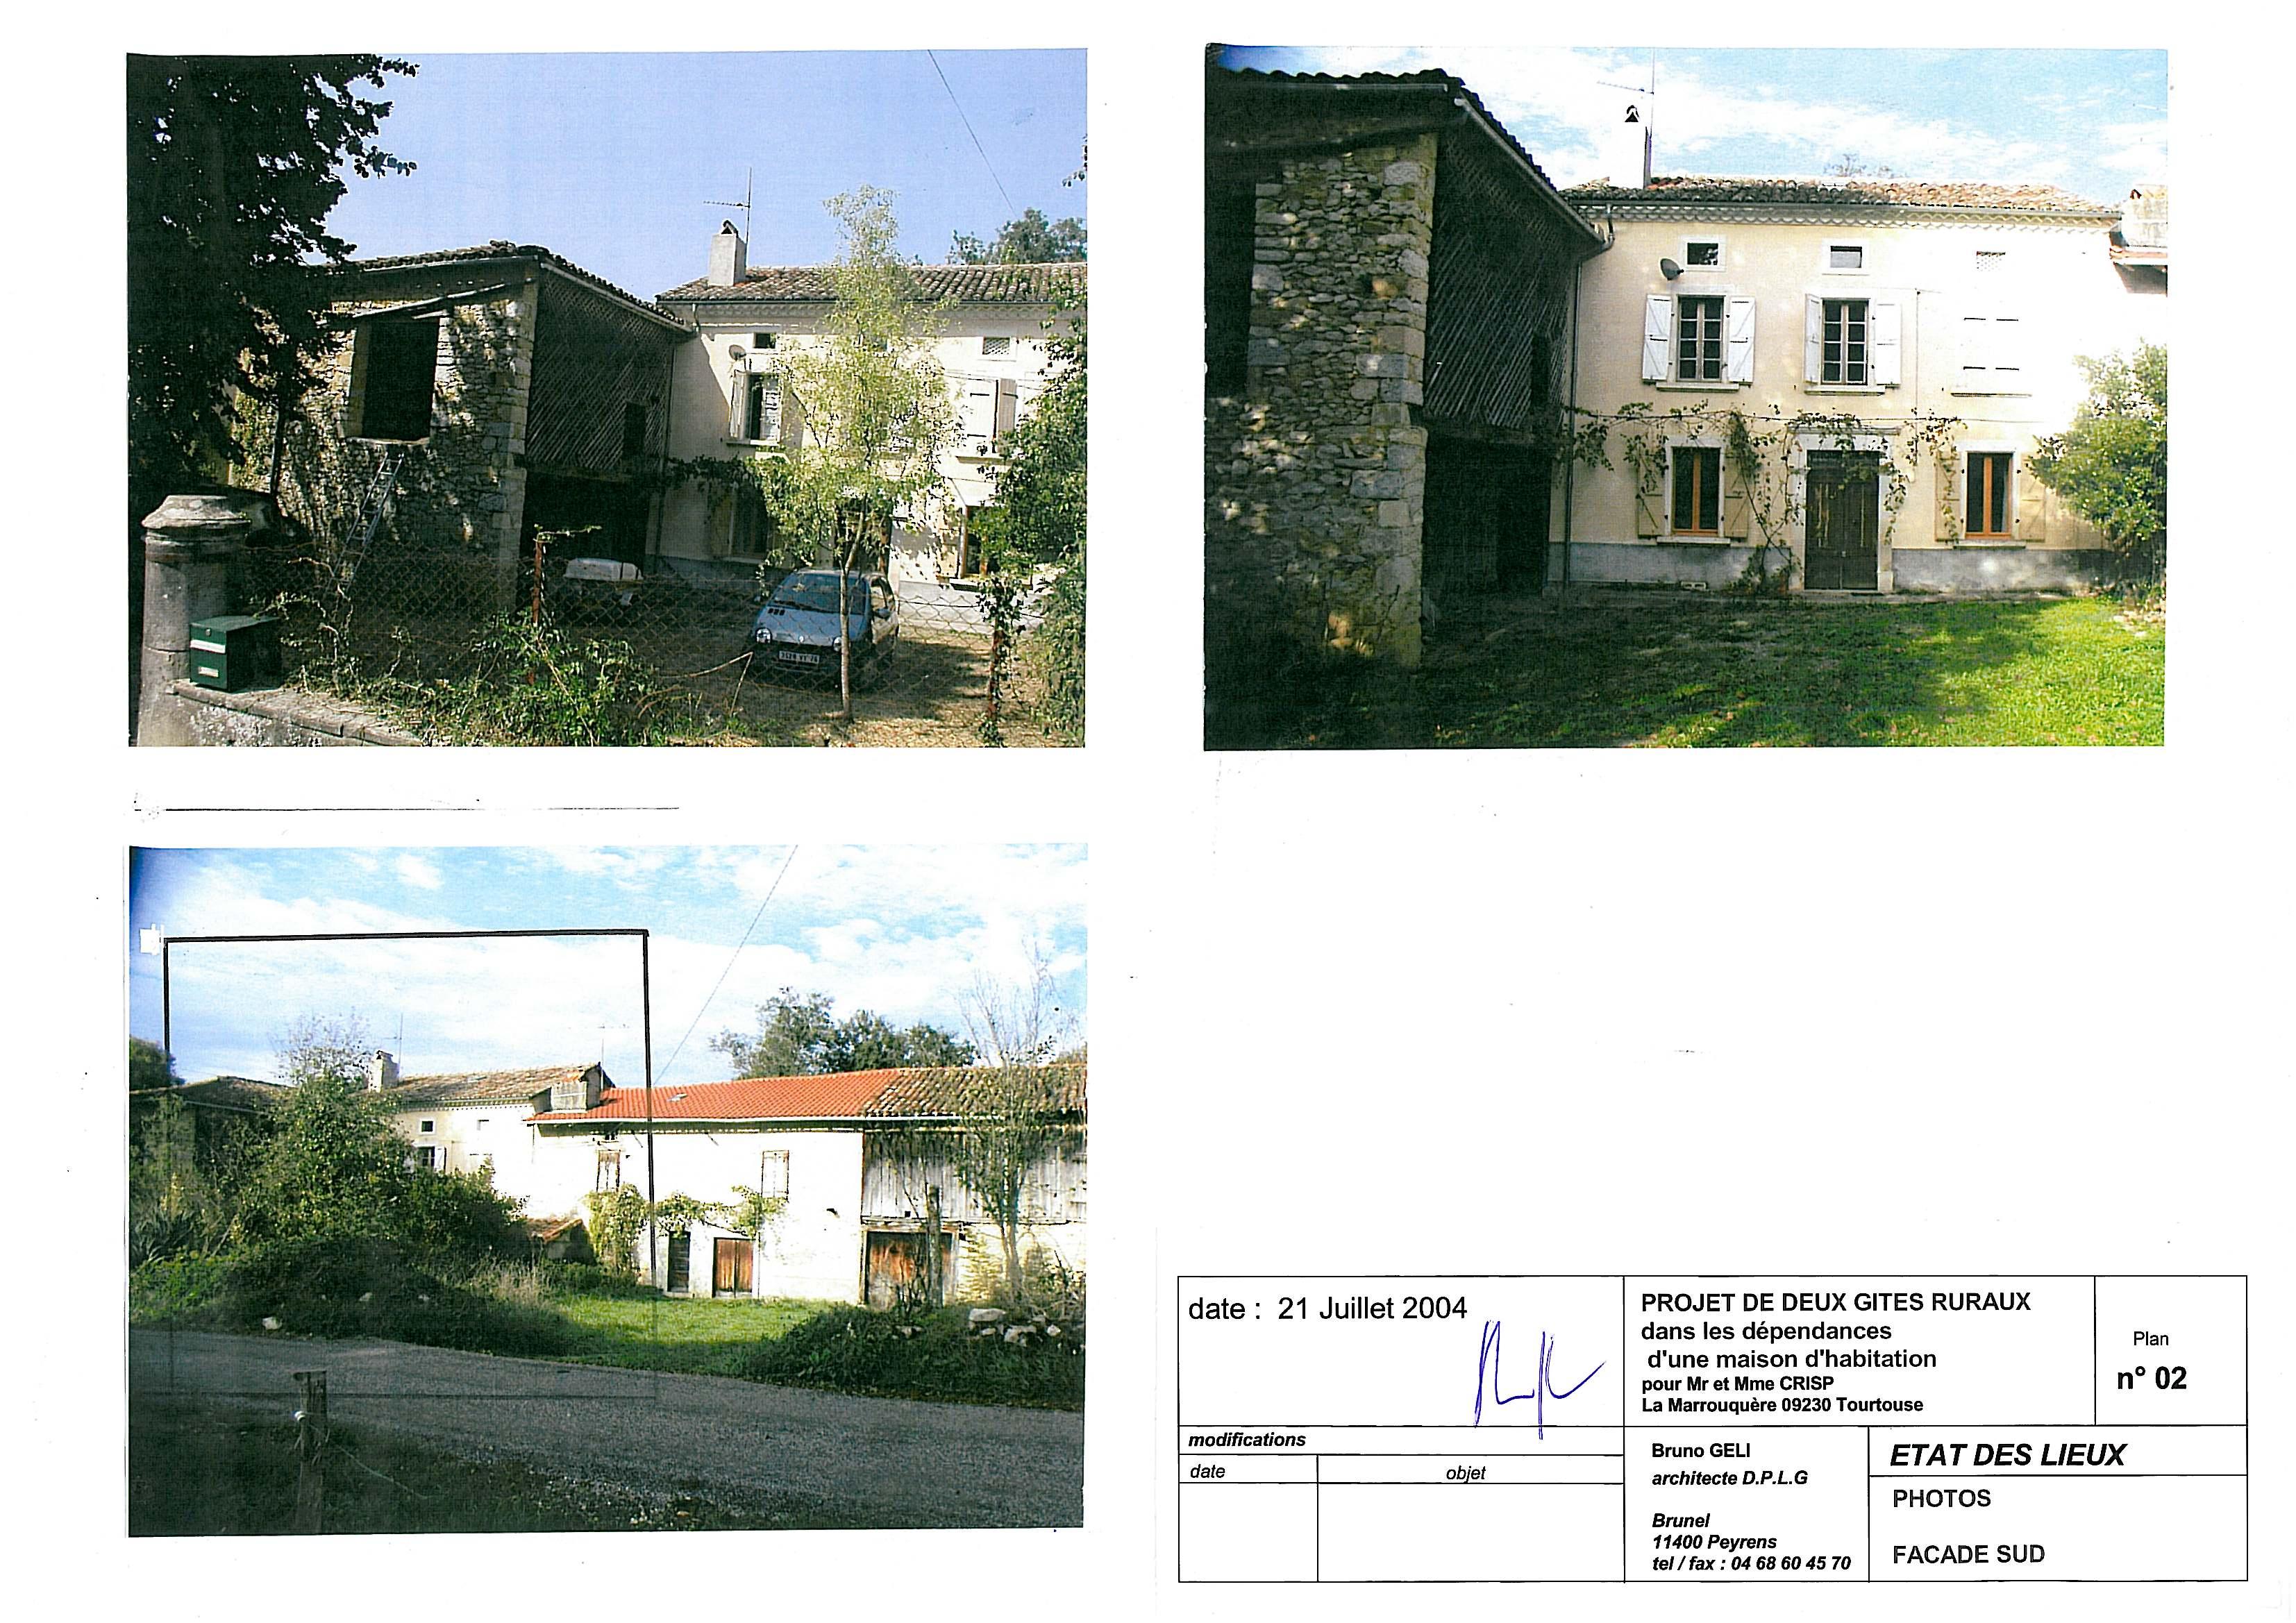 Etat des lieux,  photos façade Sud